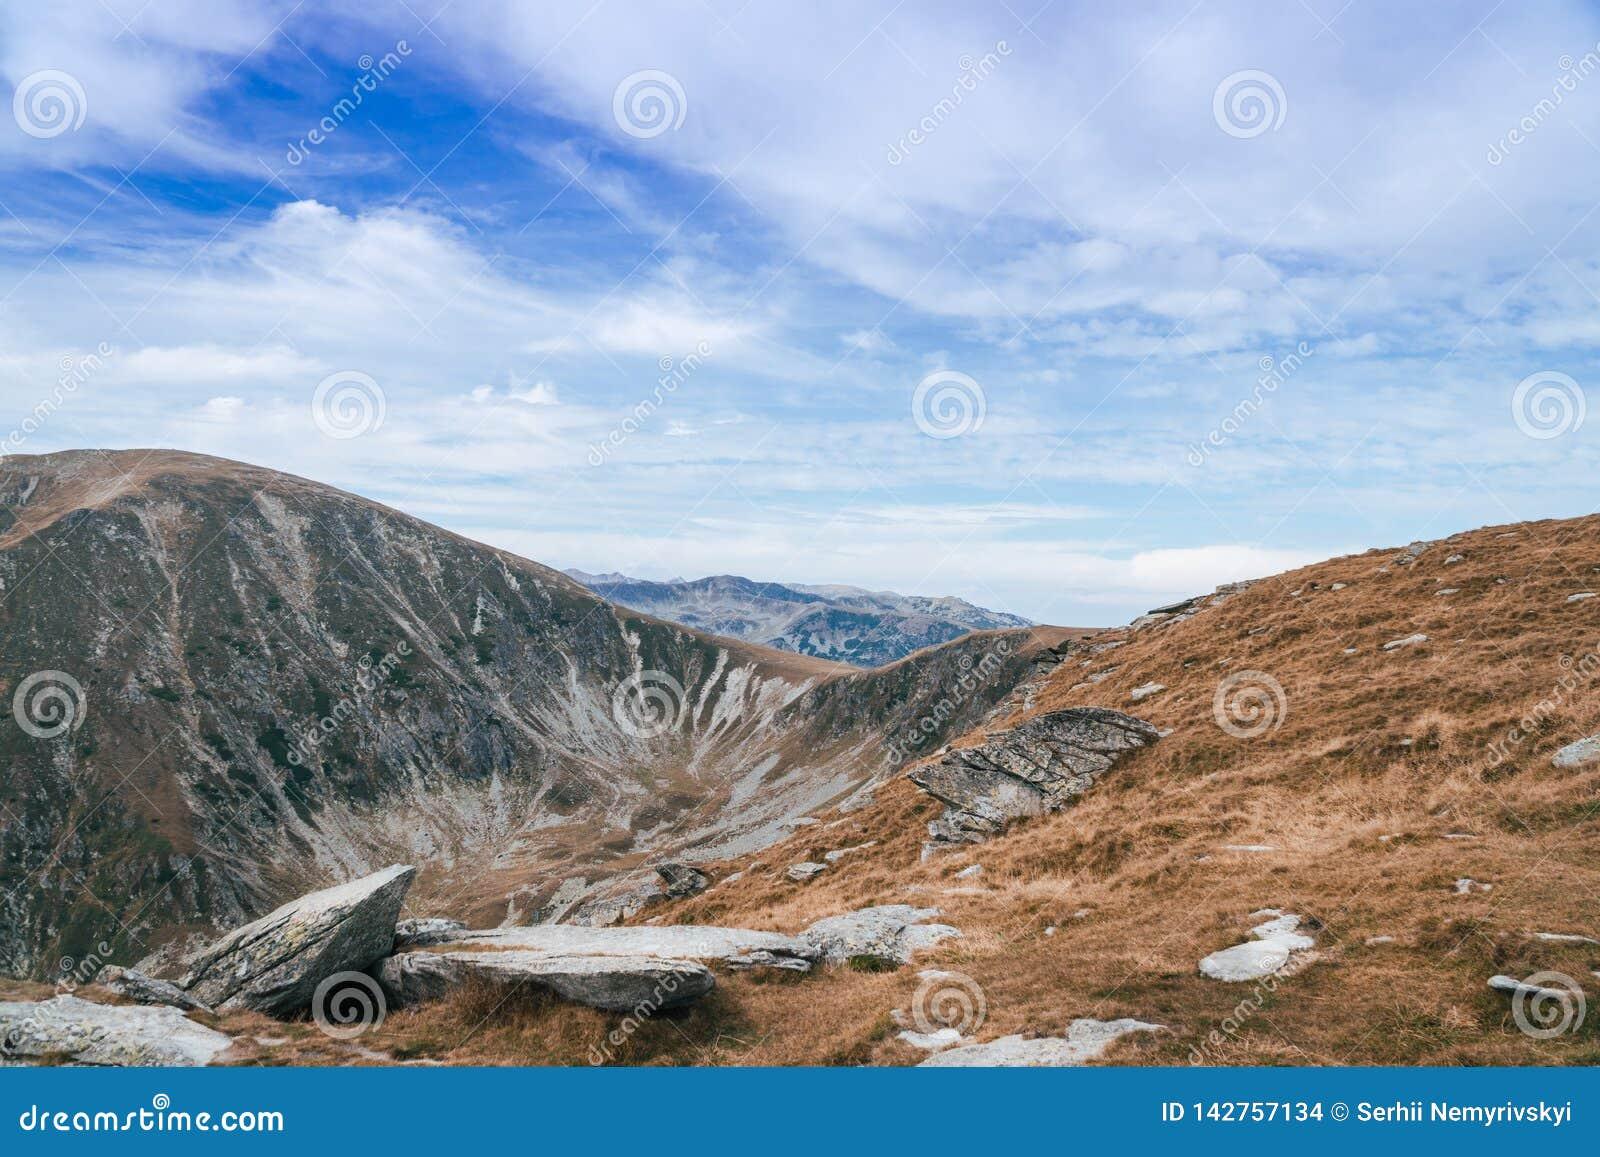 Πανόραμα Carpathians των βουνών και του διάσημου δρόμου Transalpina Φυσικές κινήσεις Transalpina Romania's, που αναρριχούνται σ